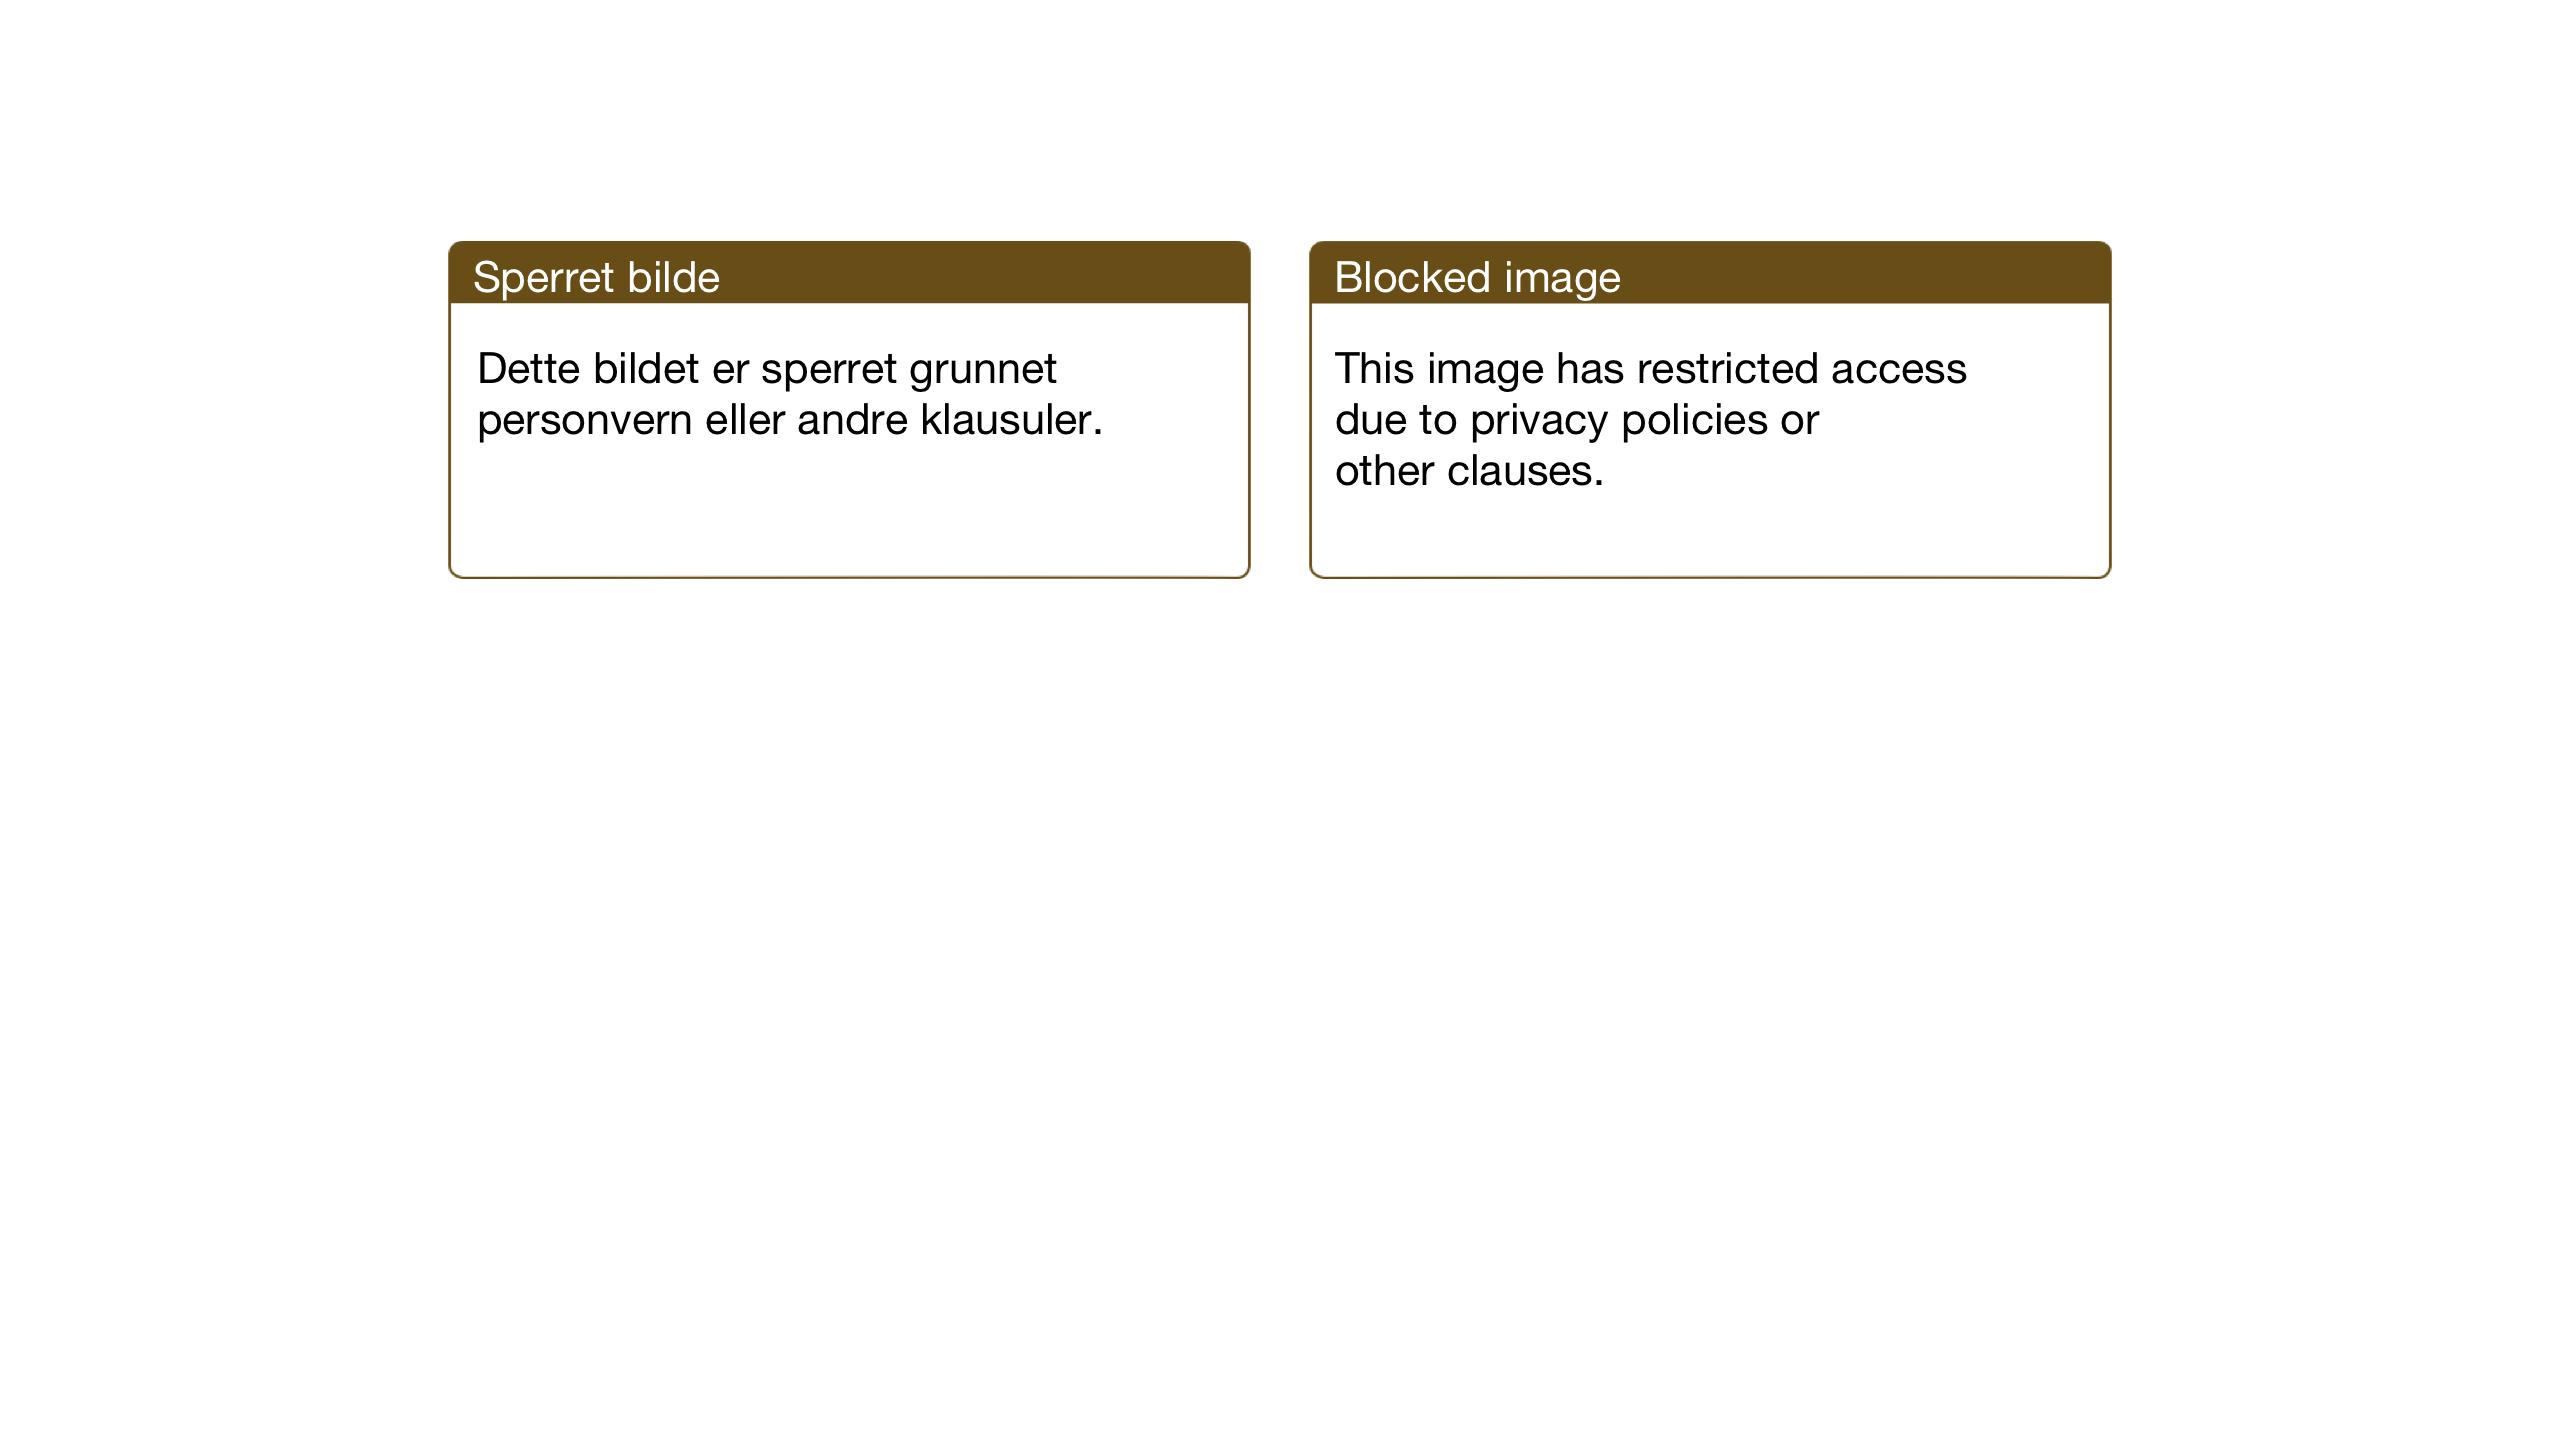 SAT, Ministerialprotokoller, klokkerbøker og fødselsregistre - Sør-Trøndelag, 681/L0944: Klokkerbok nr. 681C08, 1926-1954, s. 36